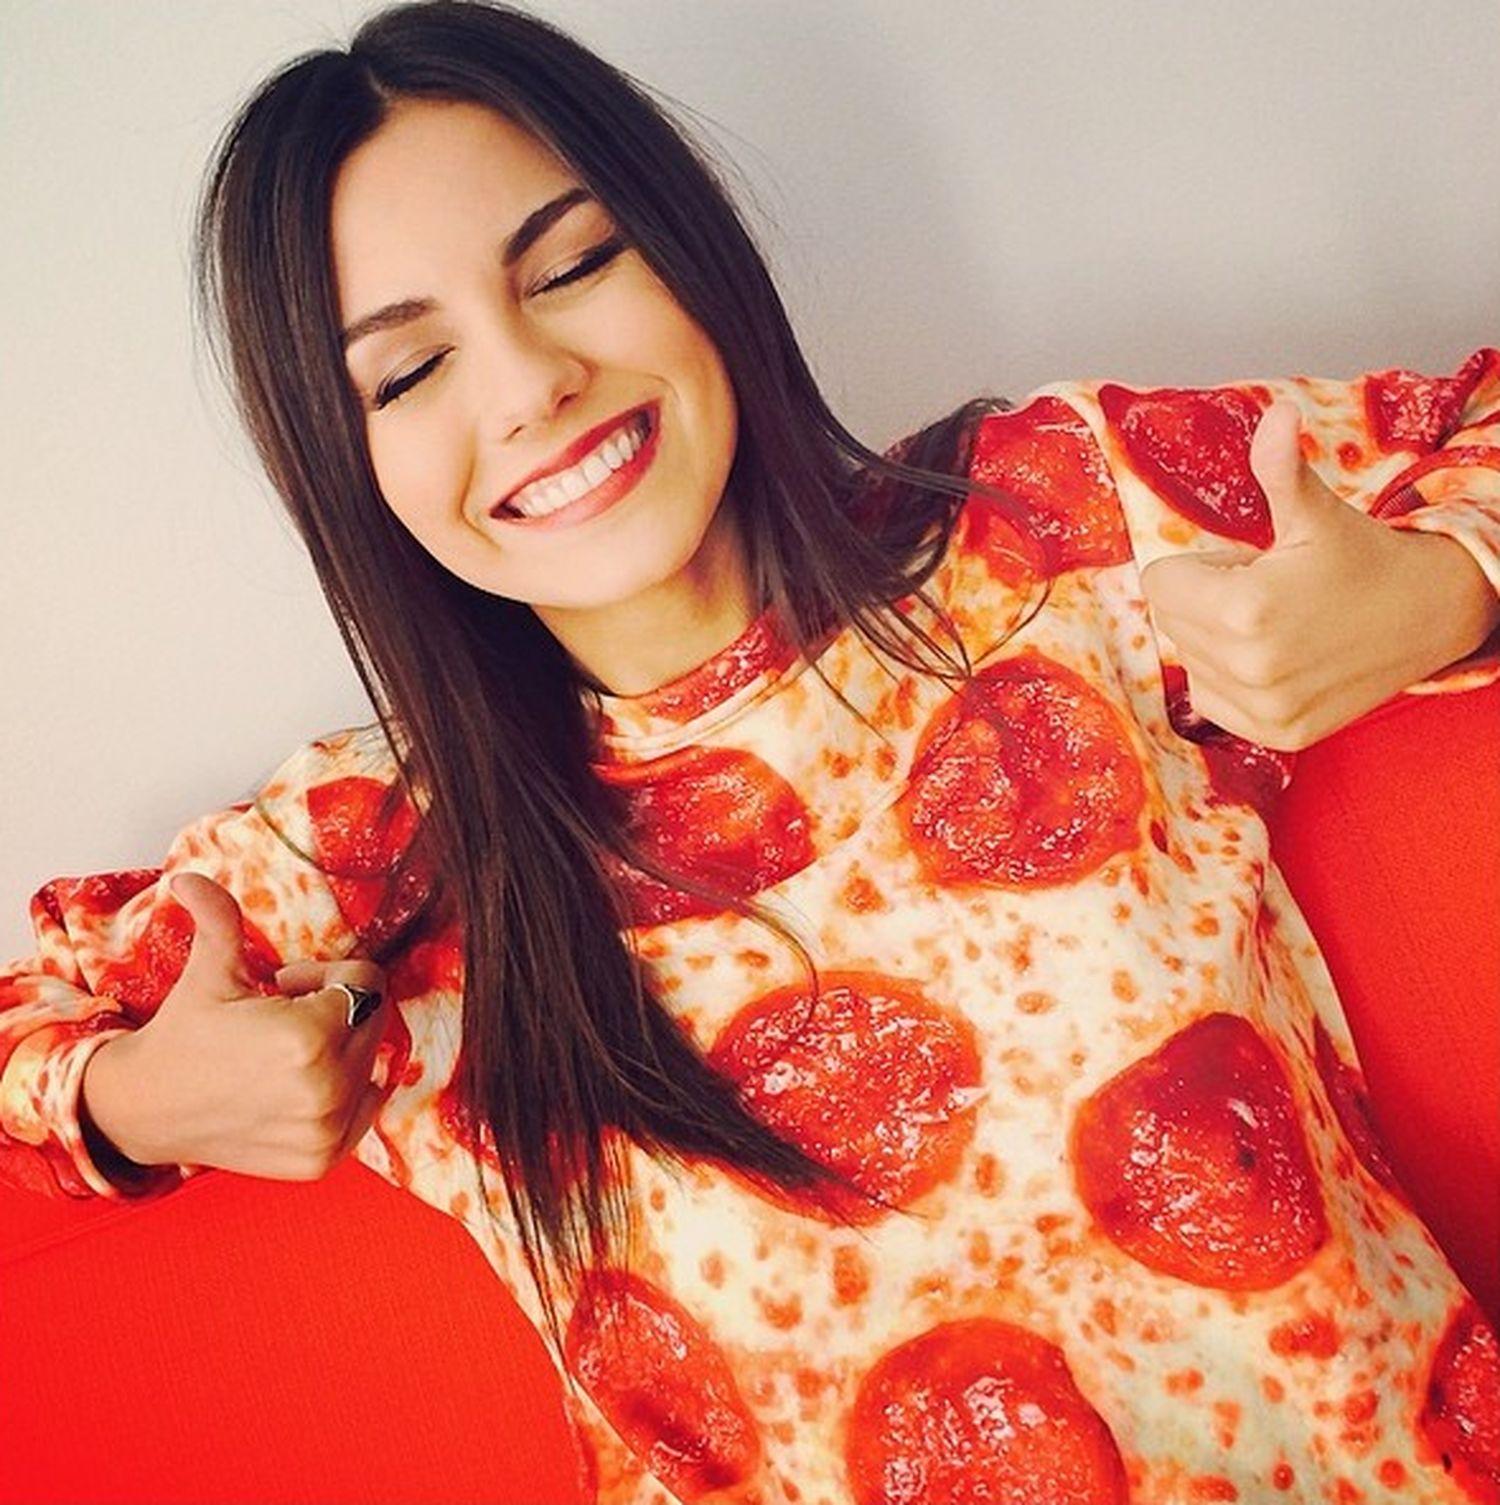 Victoria Justice pizza